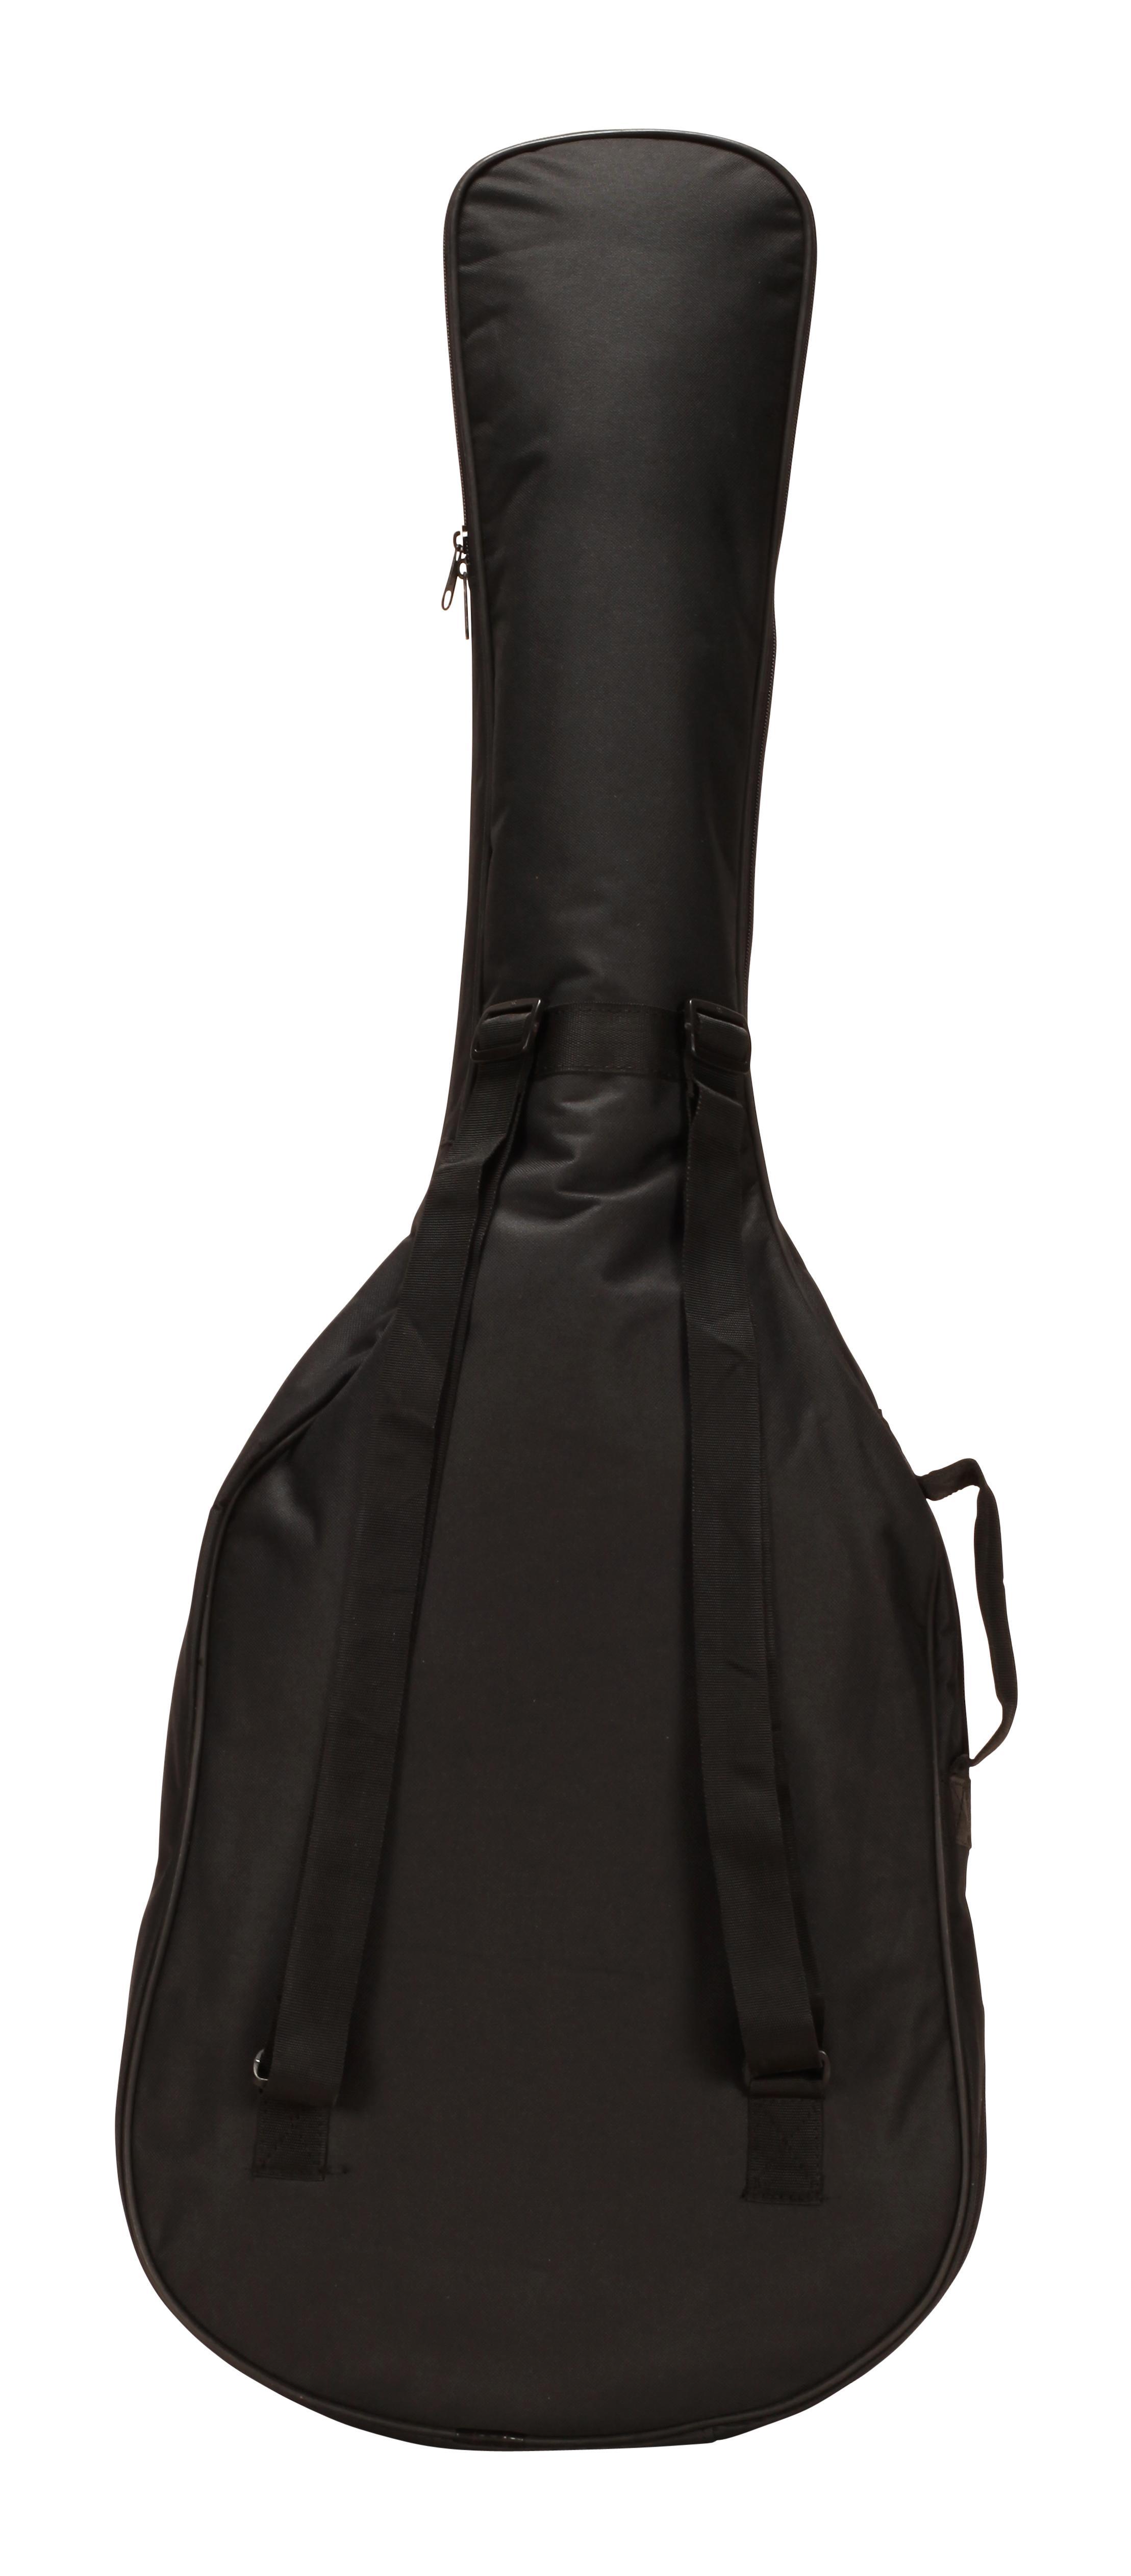 world tour electric guitar gig bag musical instruments. Black Bedroom Furniture Sets. Home Design Ideas